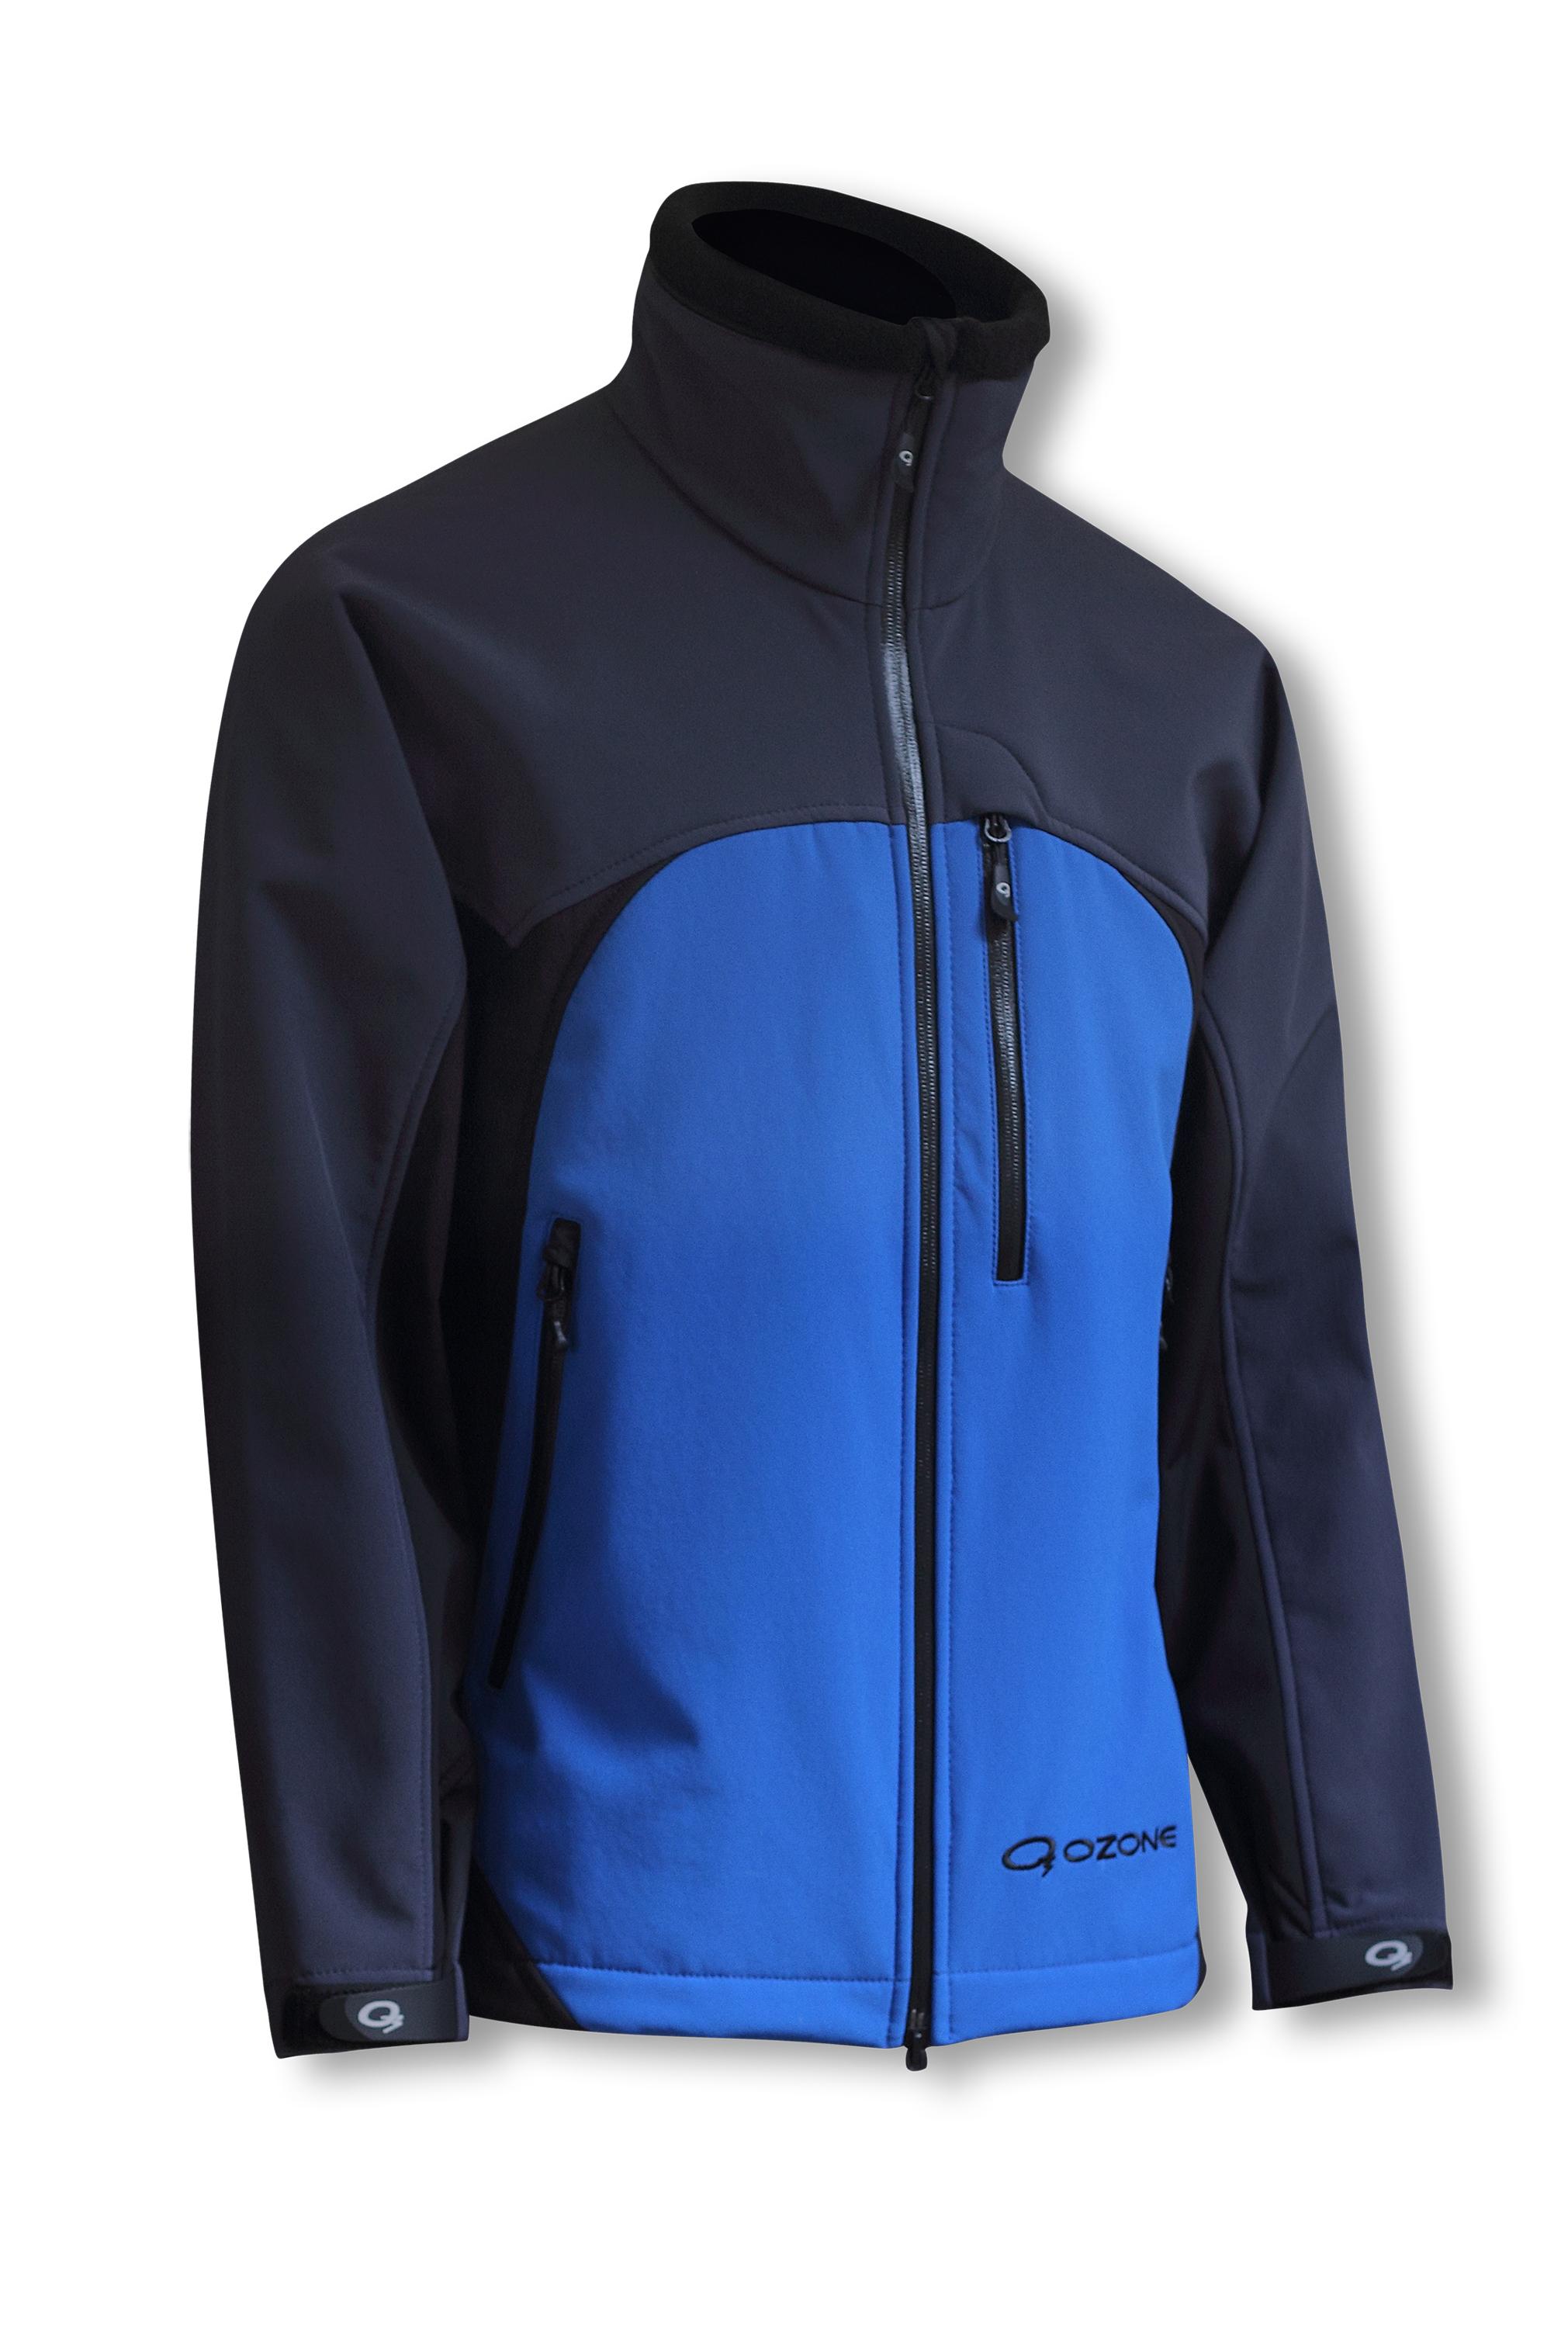 Сбор заказов. --- Термобелье OzоnE-- профессиональная одежда для путешествий и спорта. - !- Есть распродажа - ! - Термобелье - 1- 2- 3 слой, ветрозащитная, Софт-Шел, утепленная, флис, мембрана, аксессуары---Выкуп 30